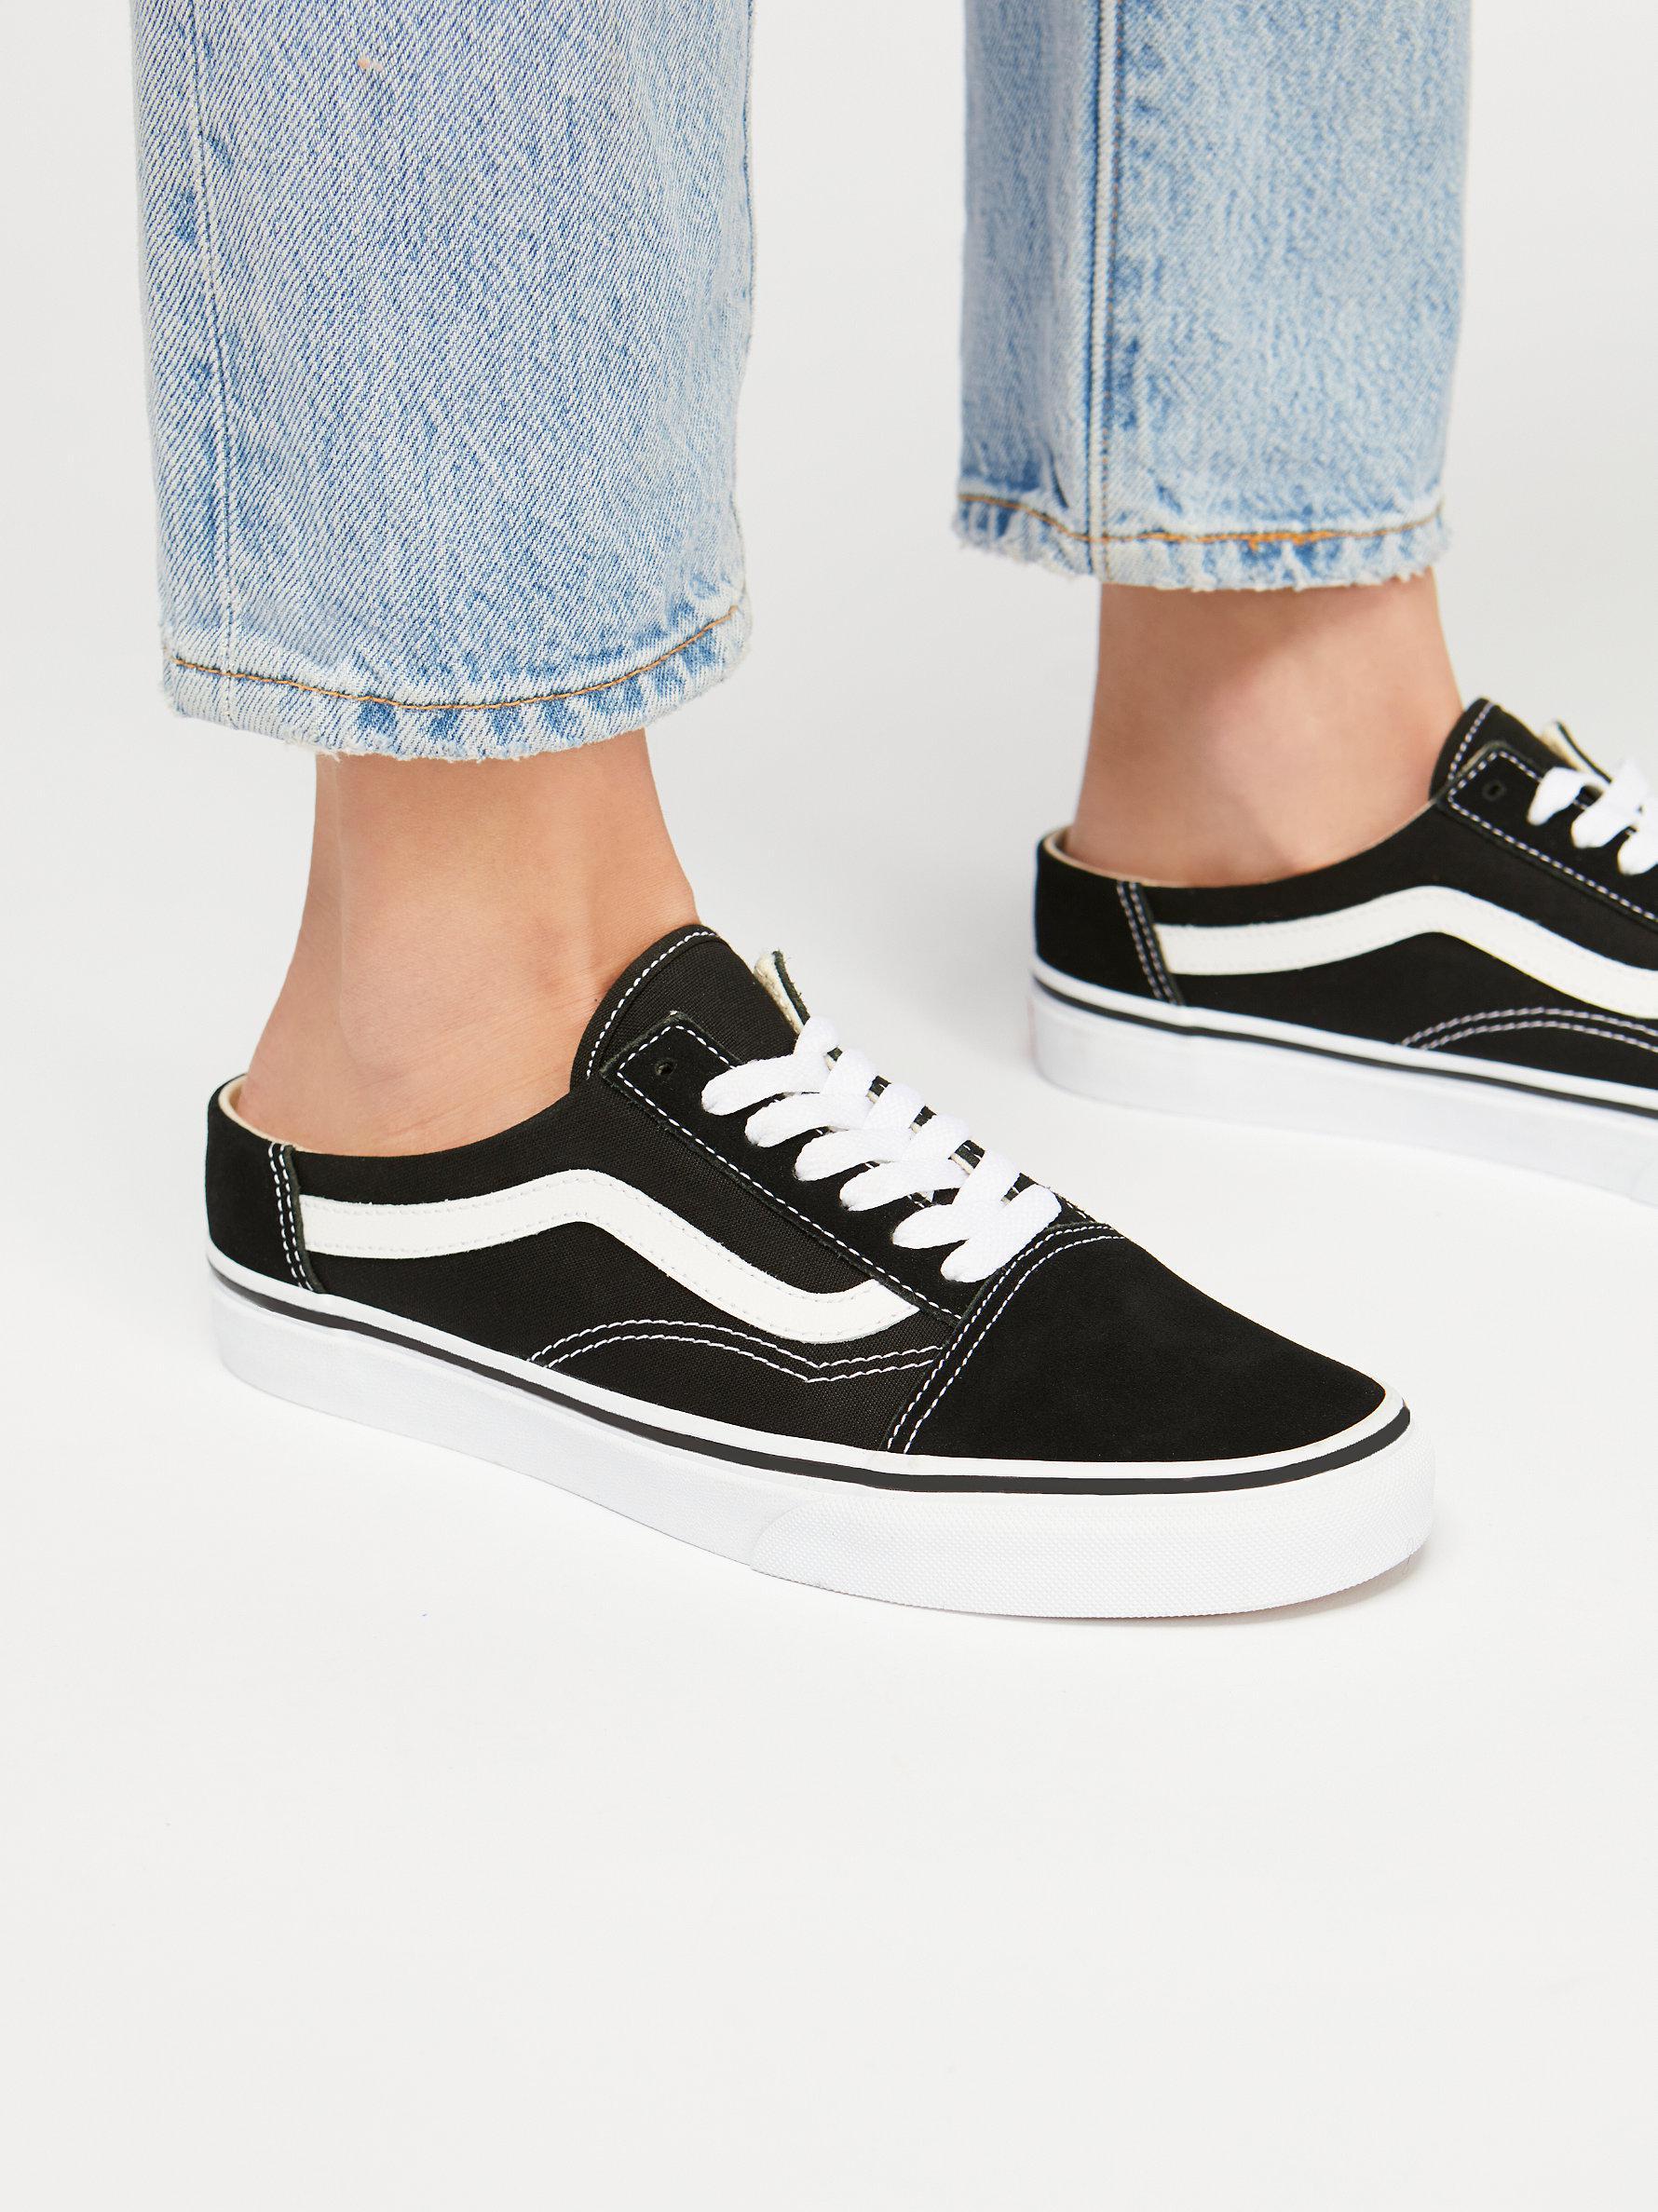 aea4b8f4f5f Lyst - Free People Old Skool Mule Sneaker in Black